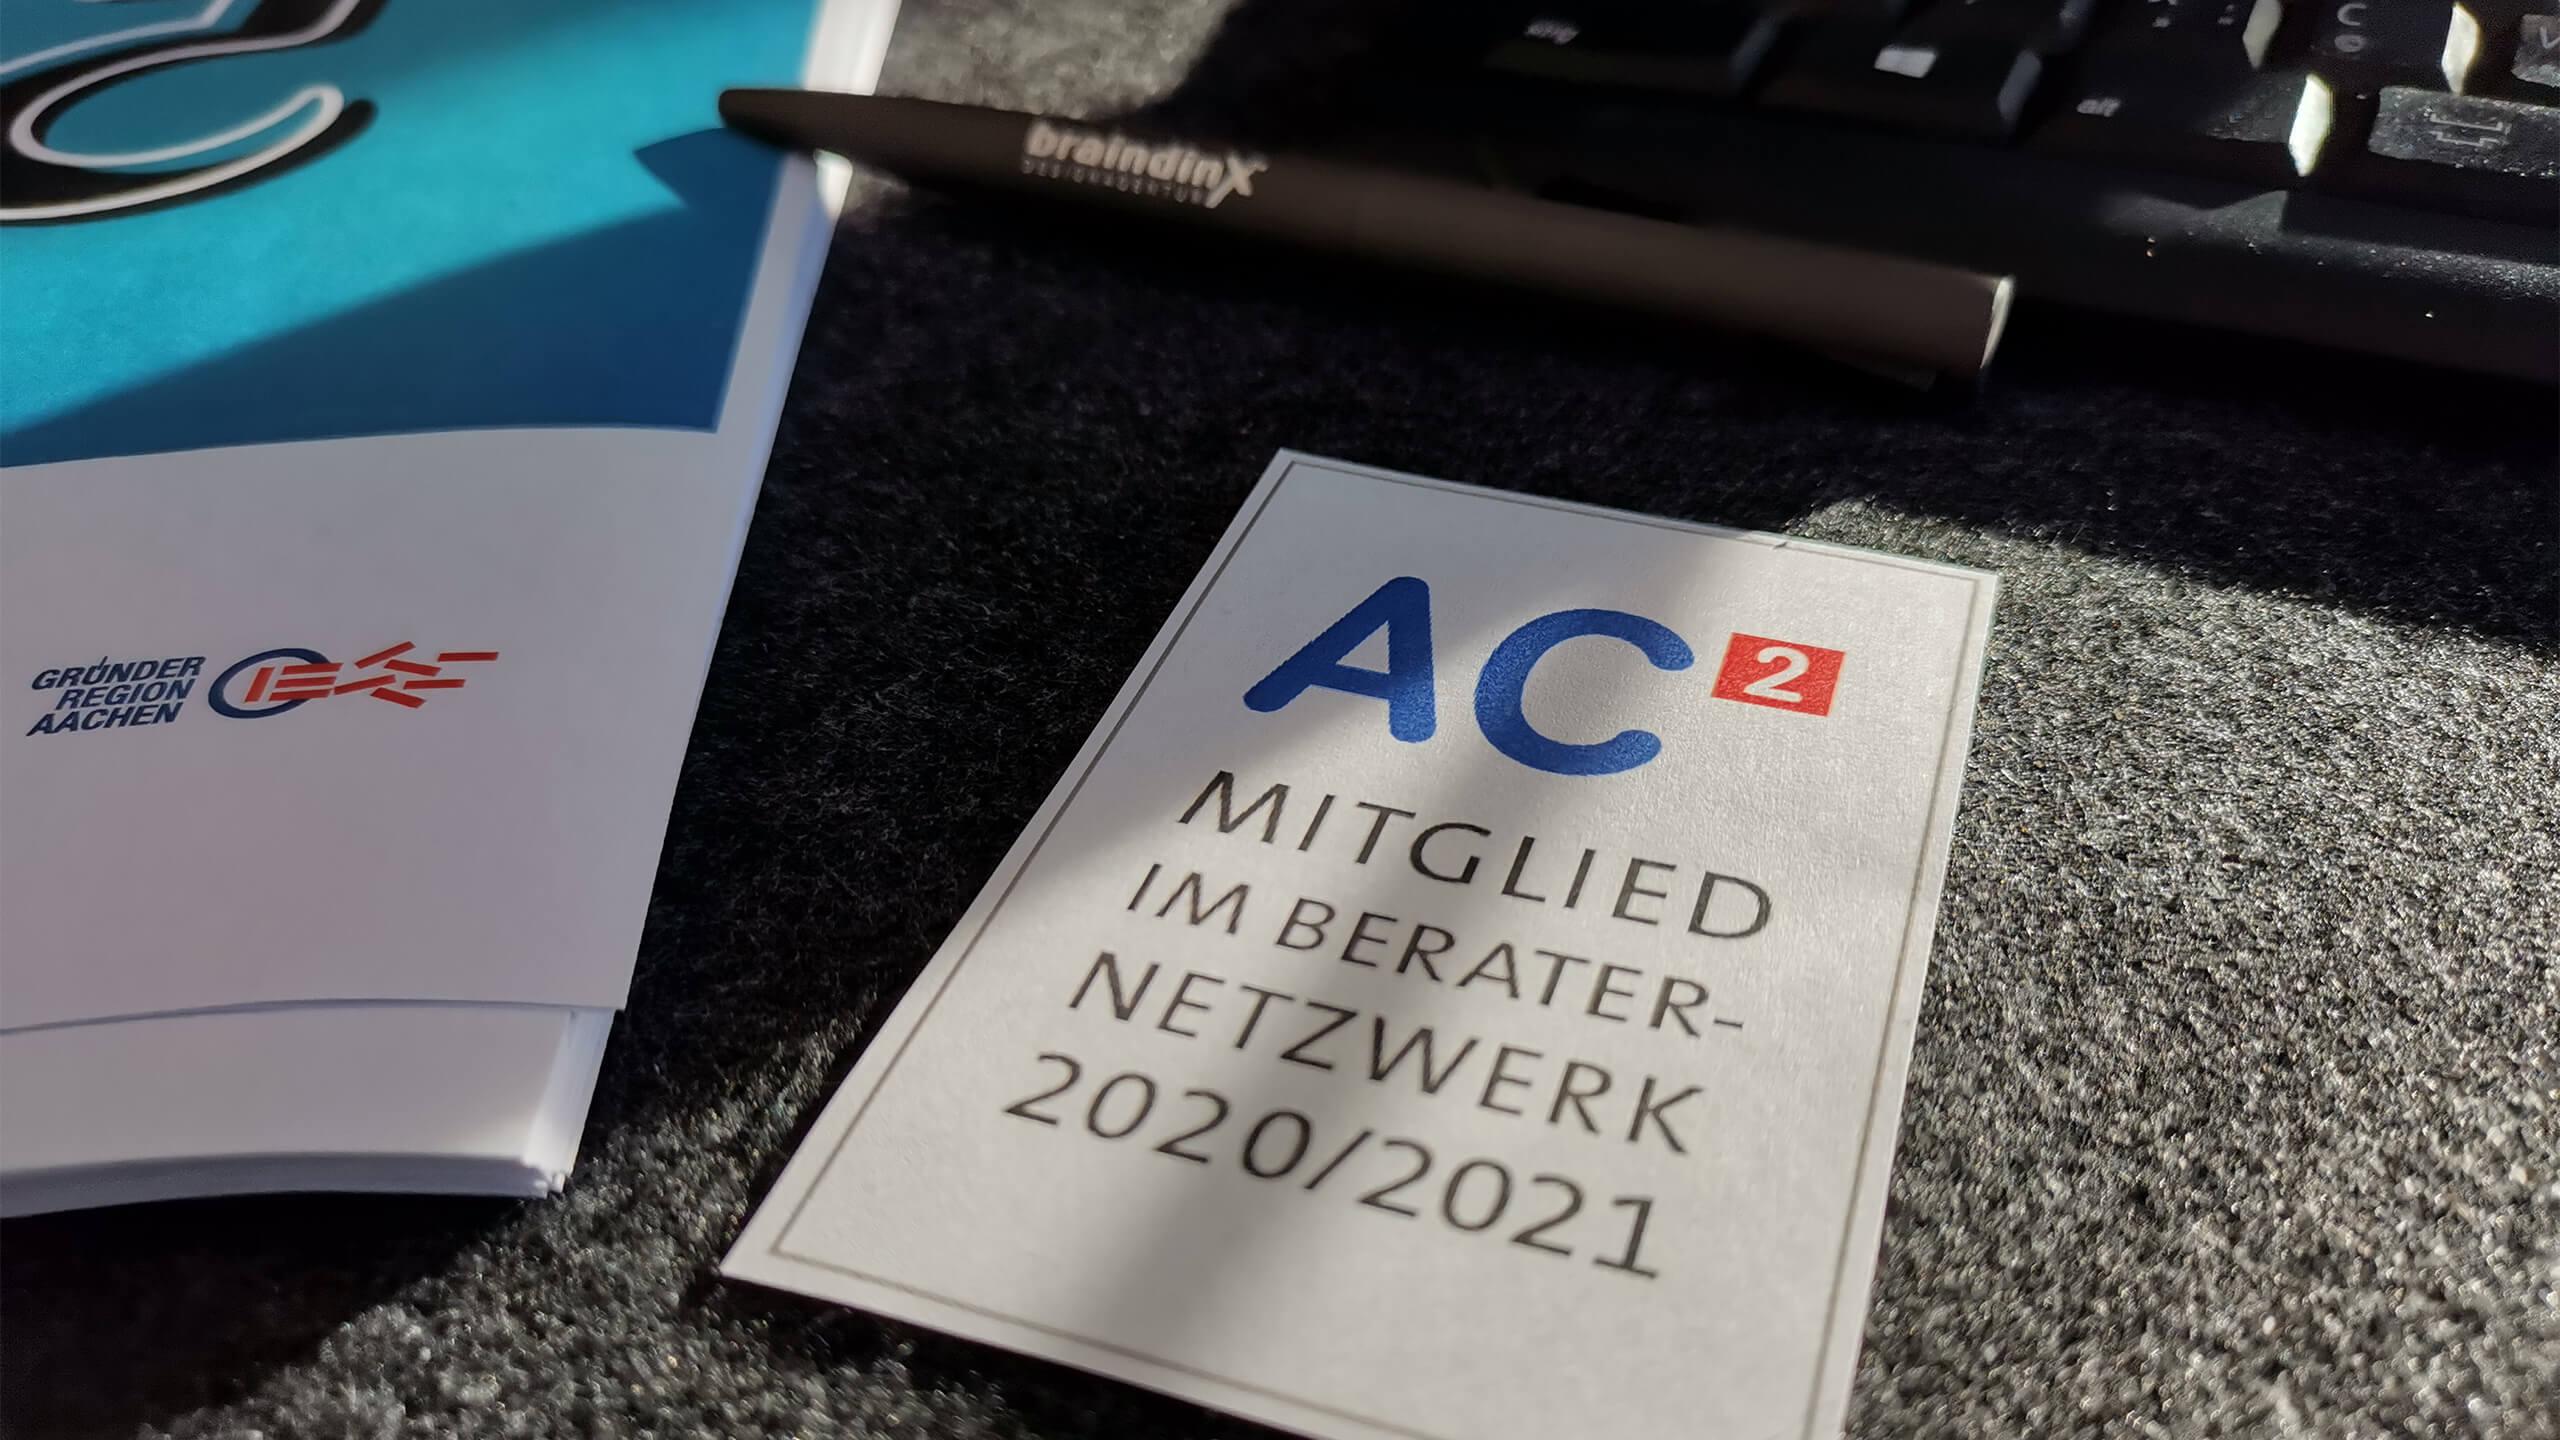 Jan Stellmach AC² Beraternetzwerk